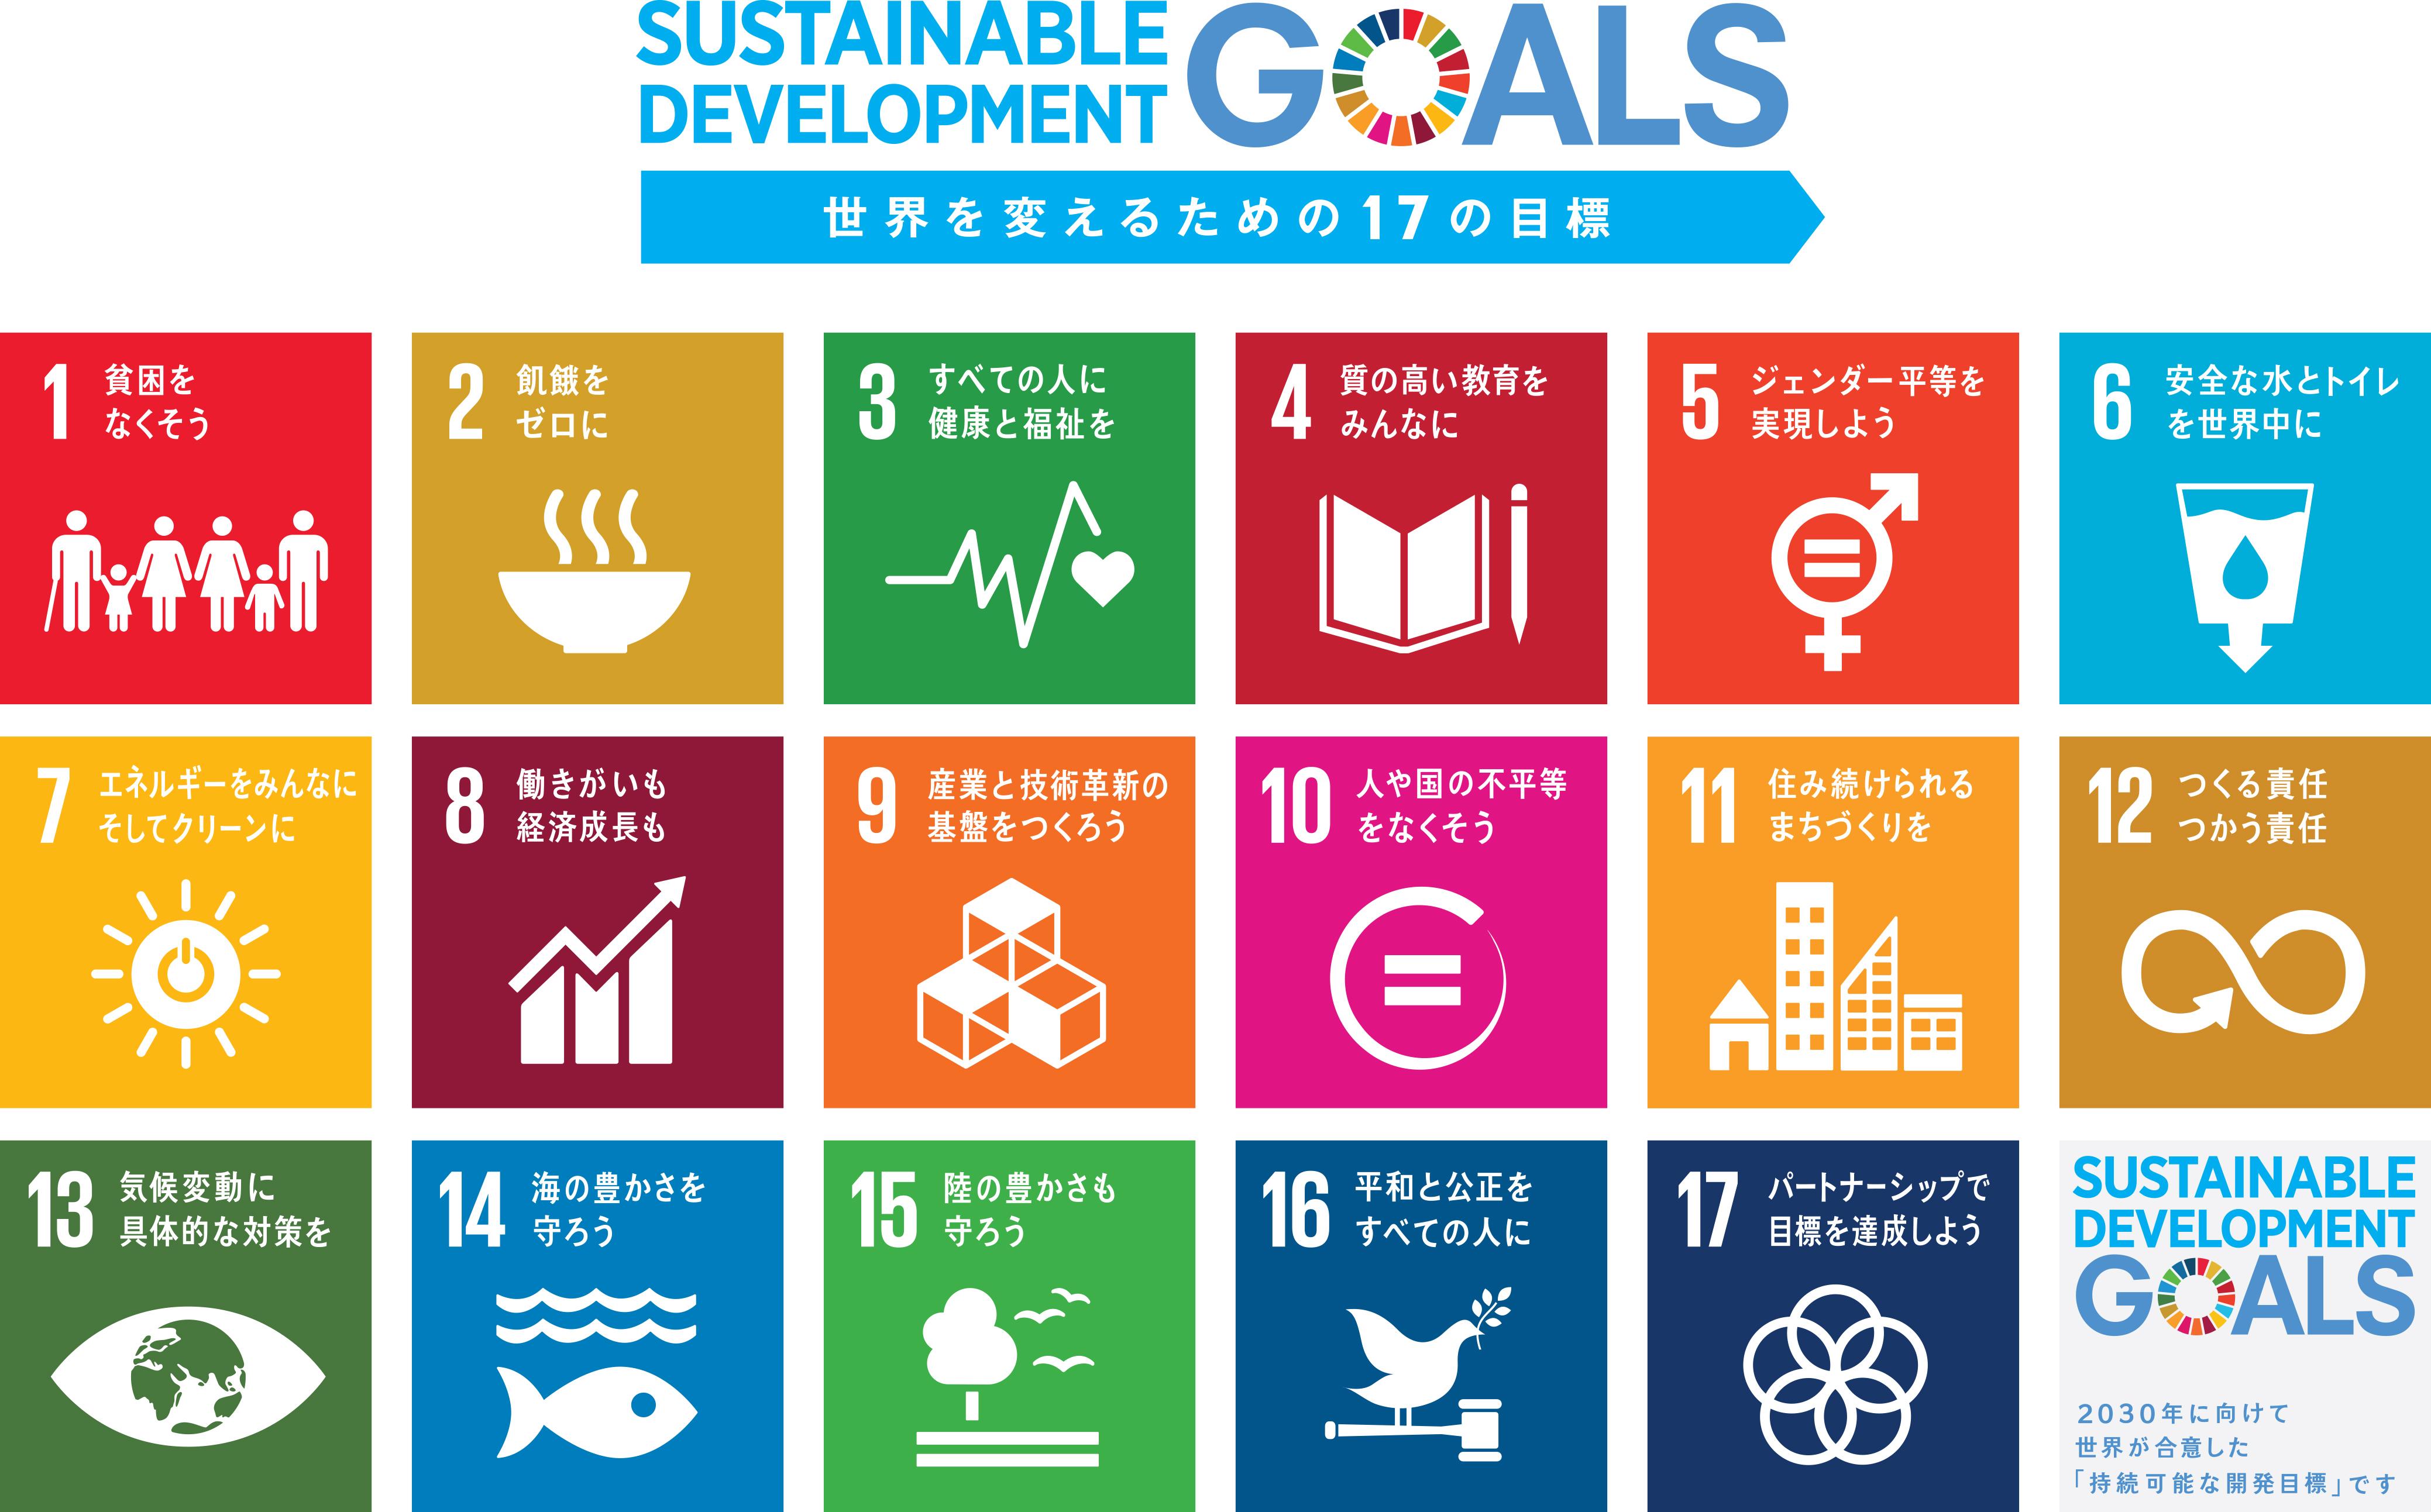 【7/21】NGO×自治体セミナー「世界に求められる基準『エシカル』とは~ 2020オリンピック・パラリンピックからSDGsを具体的に!」